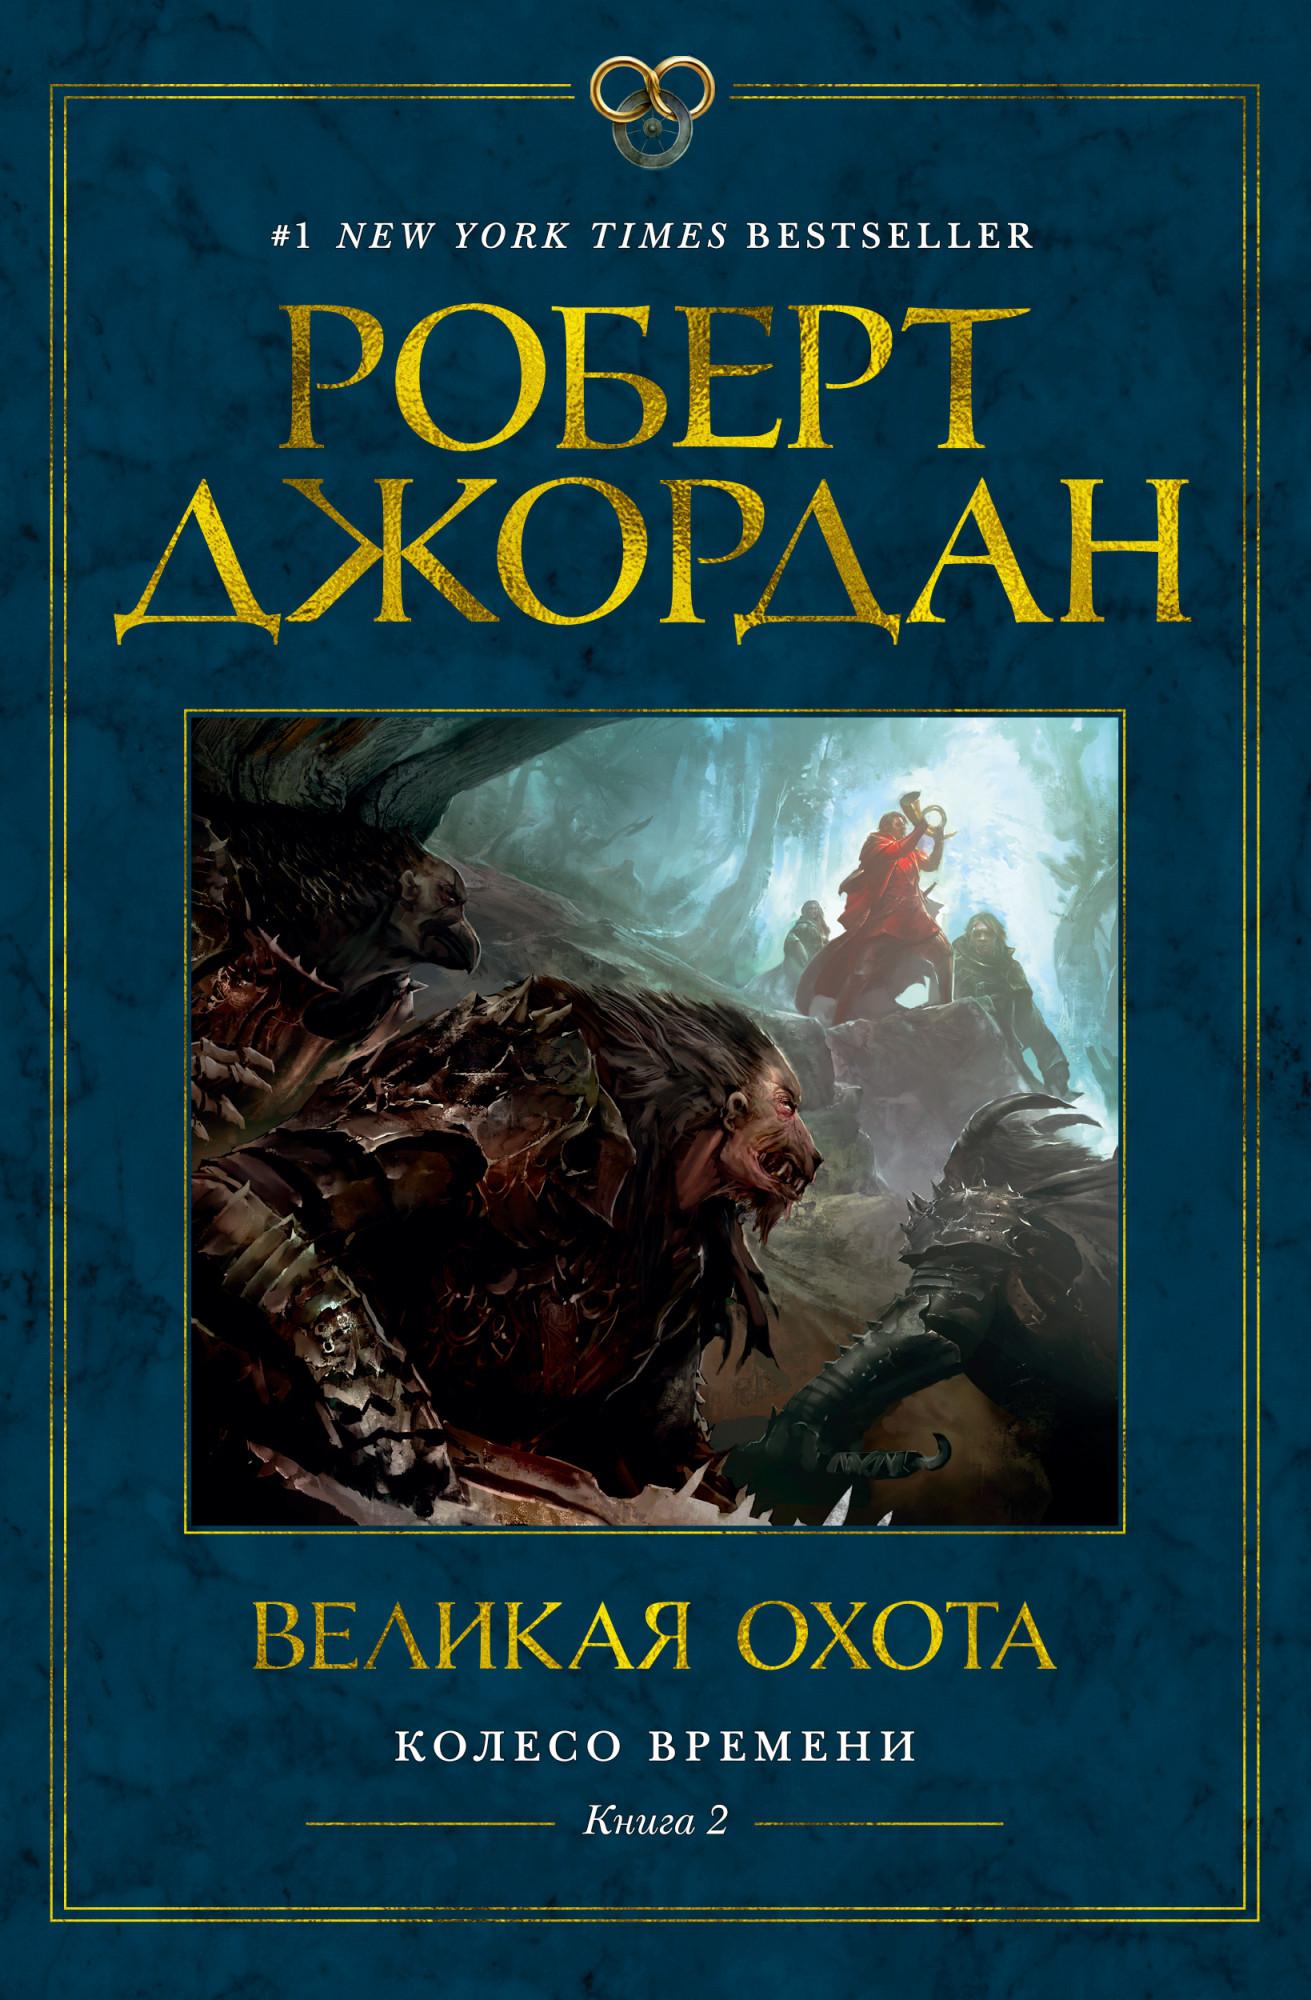 Колесо Времени: Книга 2: Великая охота